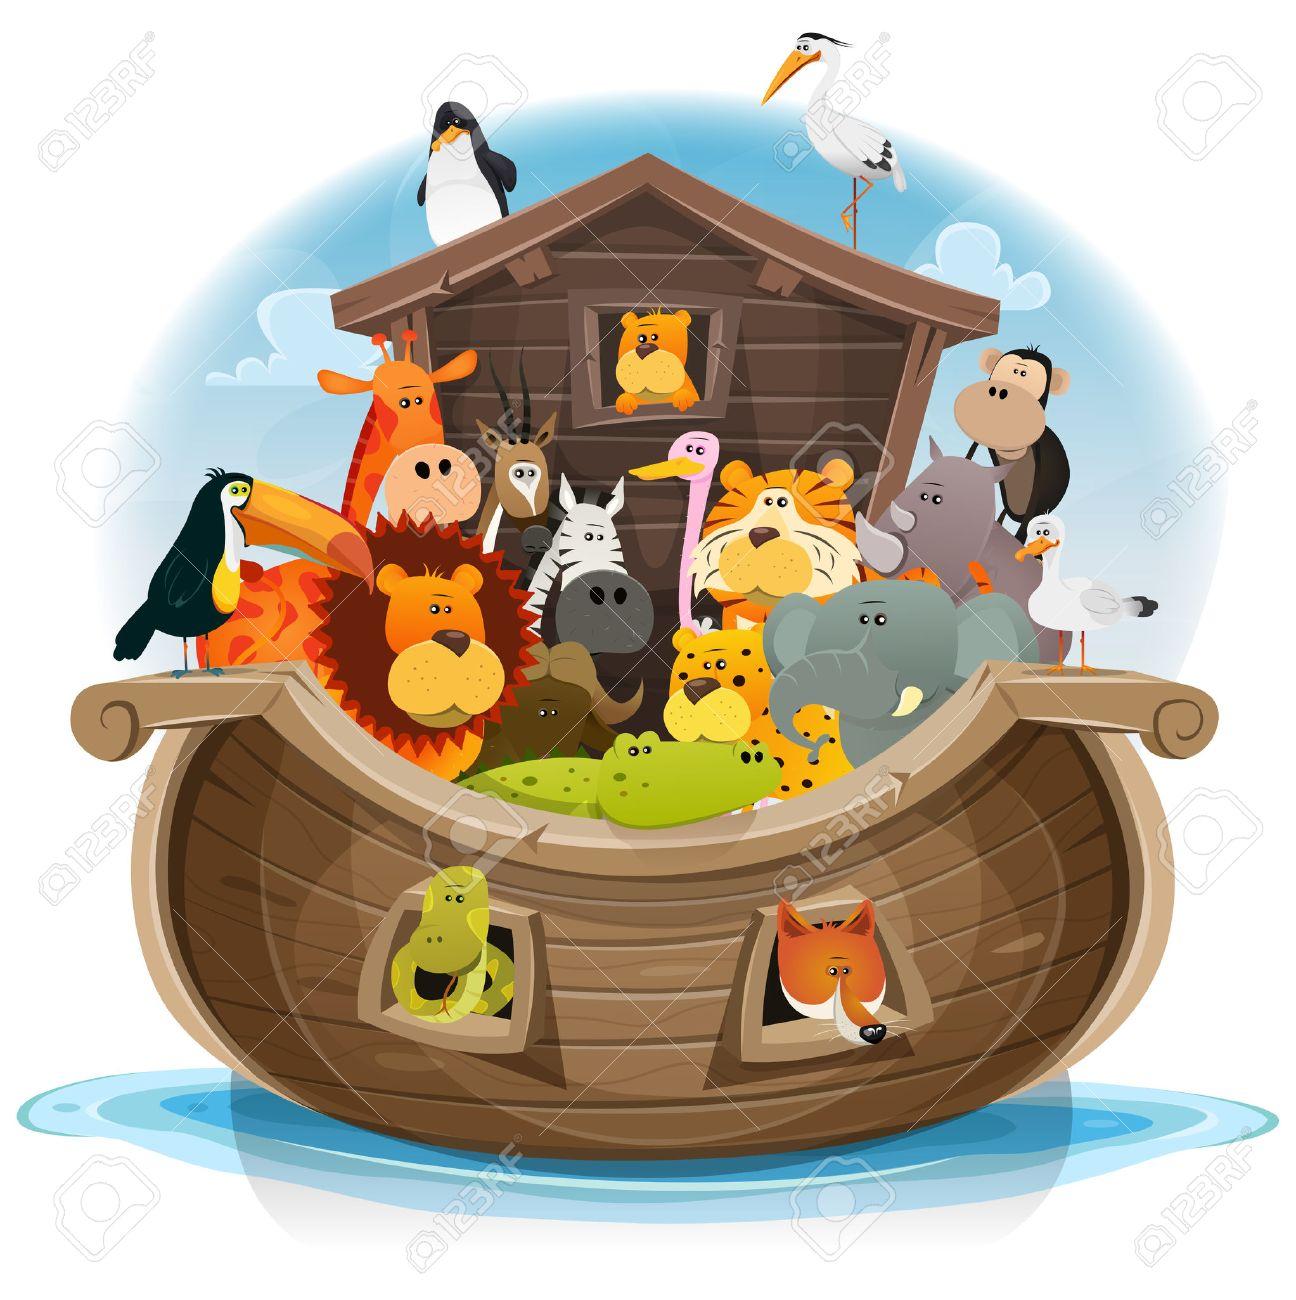 Vettoriale illustrazione del gruppo cartone animato di animali